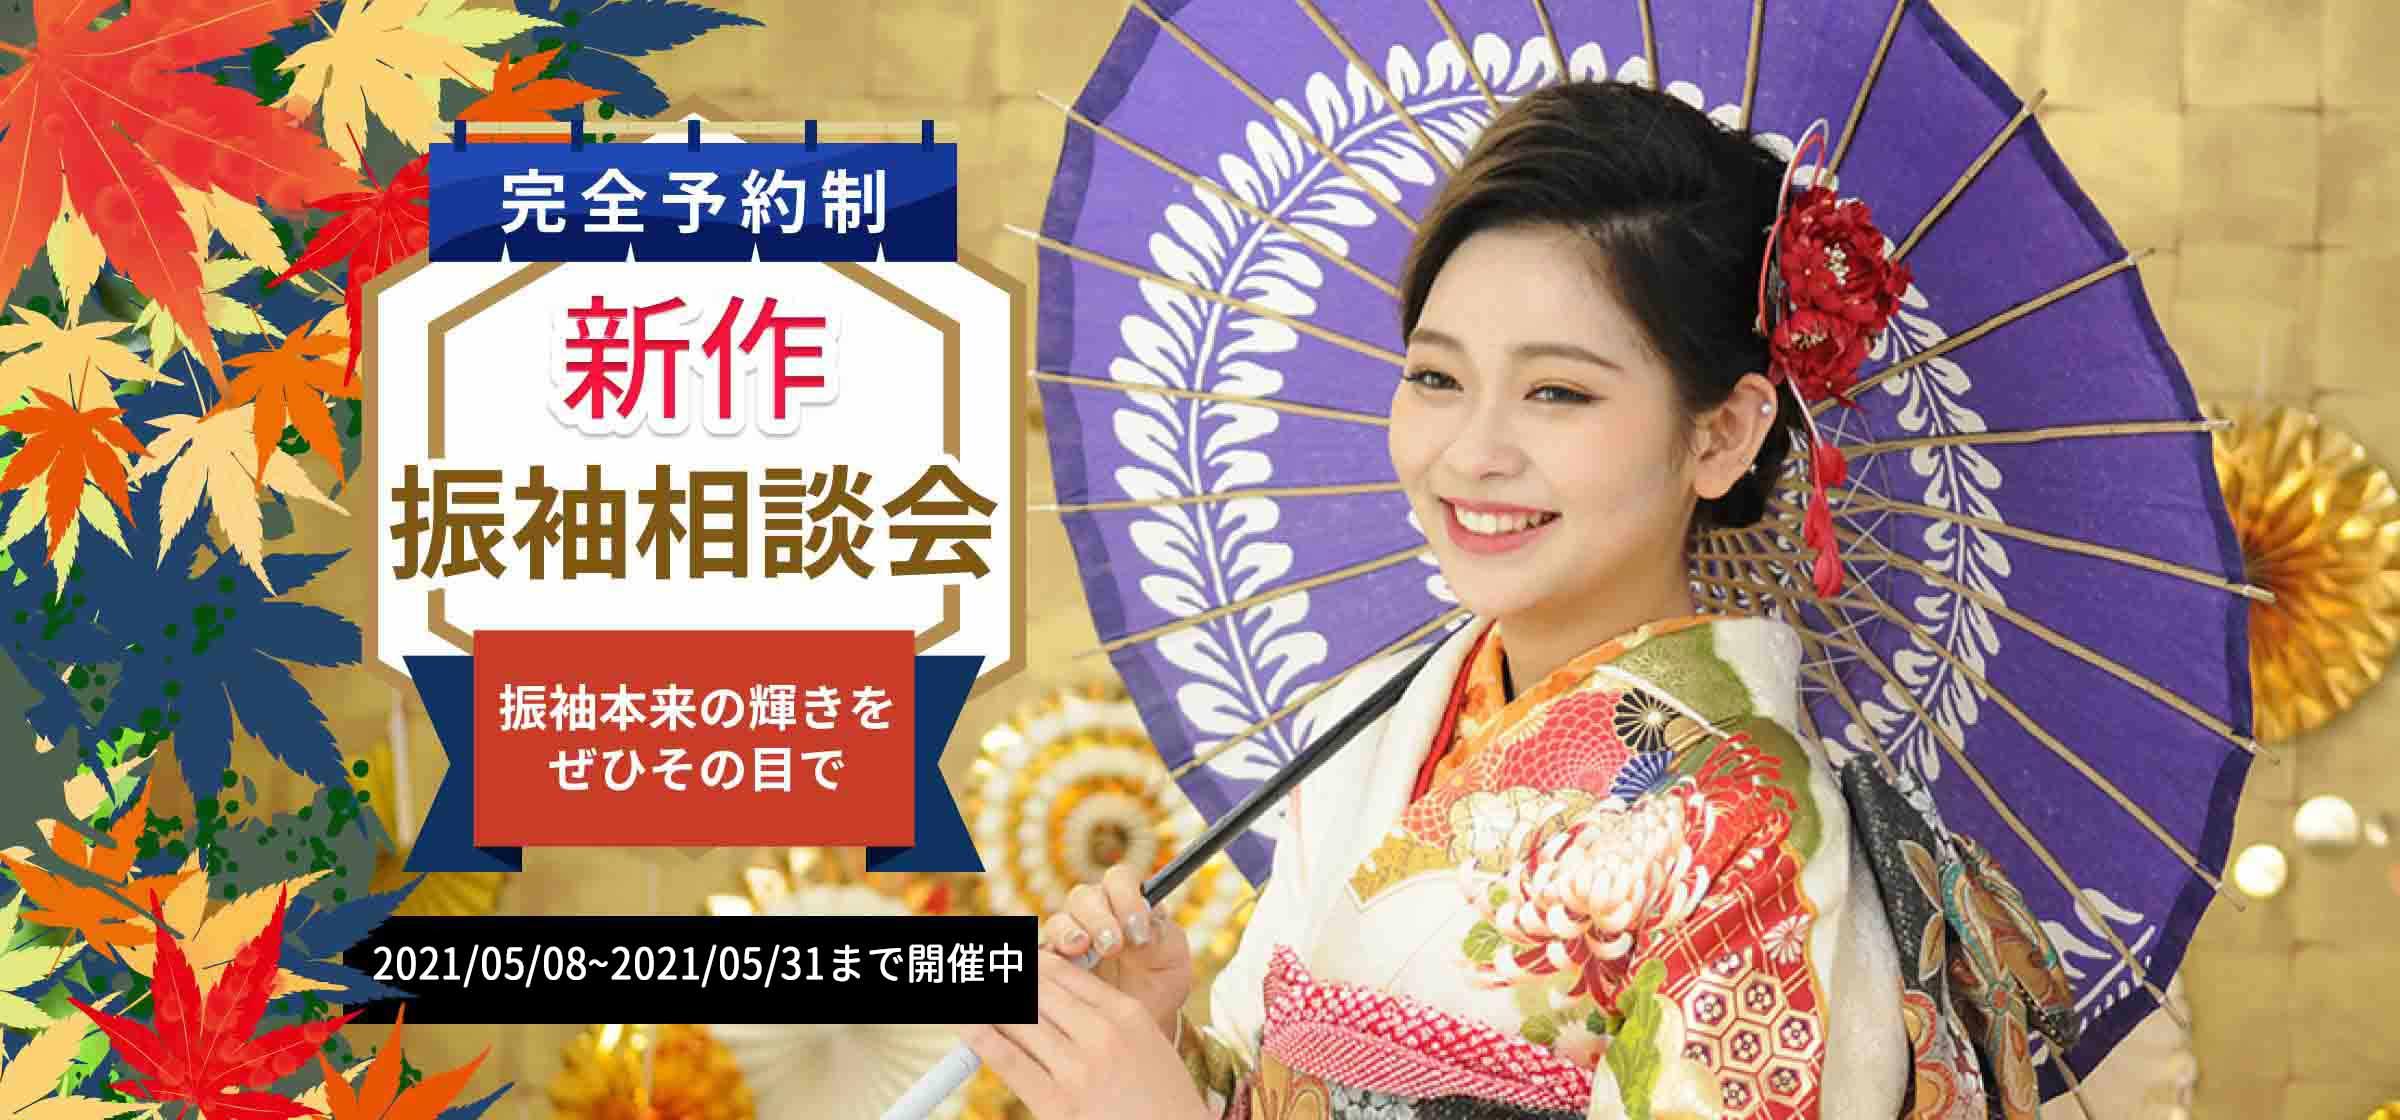 2021/5/08〜2021/5/31まで!泉佐野店にて振袖相談会開催中!